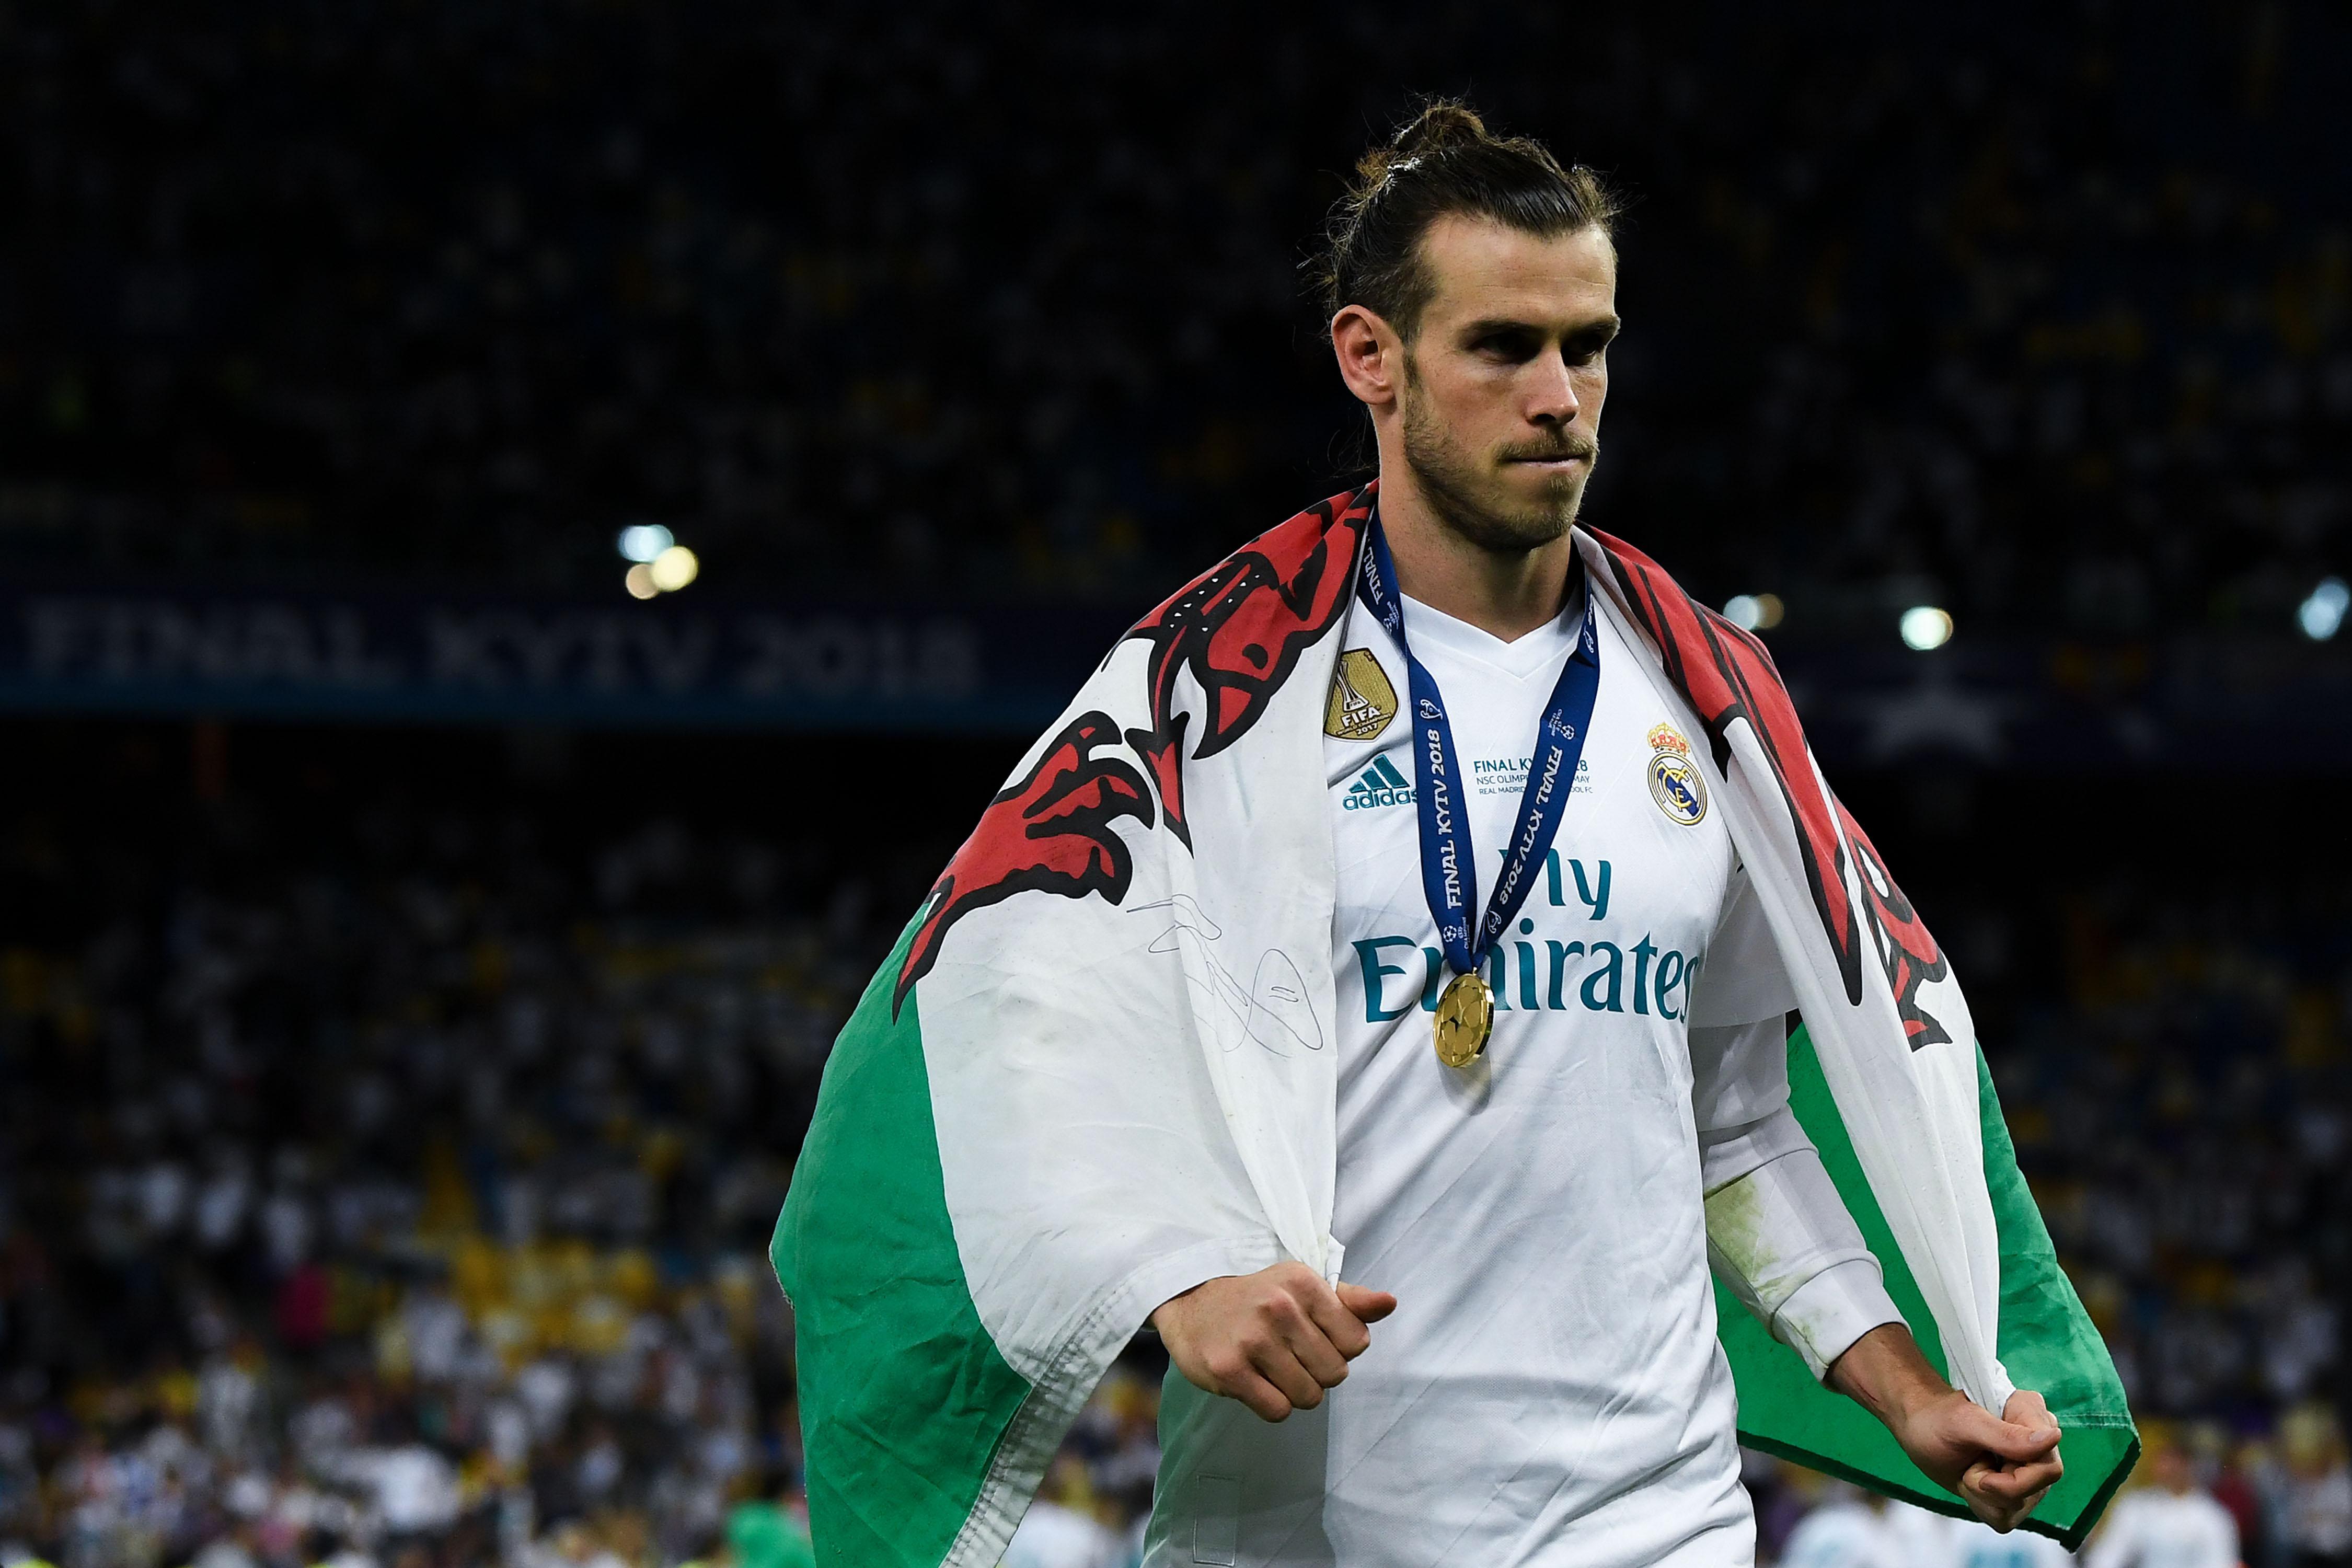 Gareth Bale en festejo después de la Champions League. Manchester United busca su fichaje.